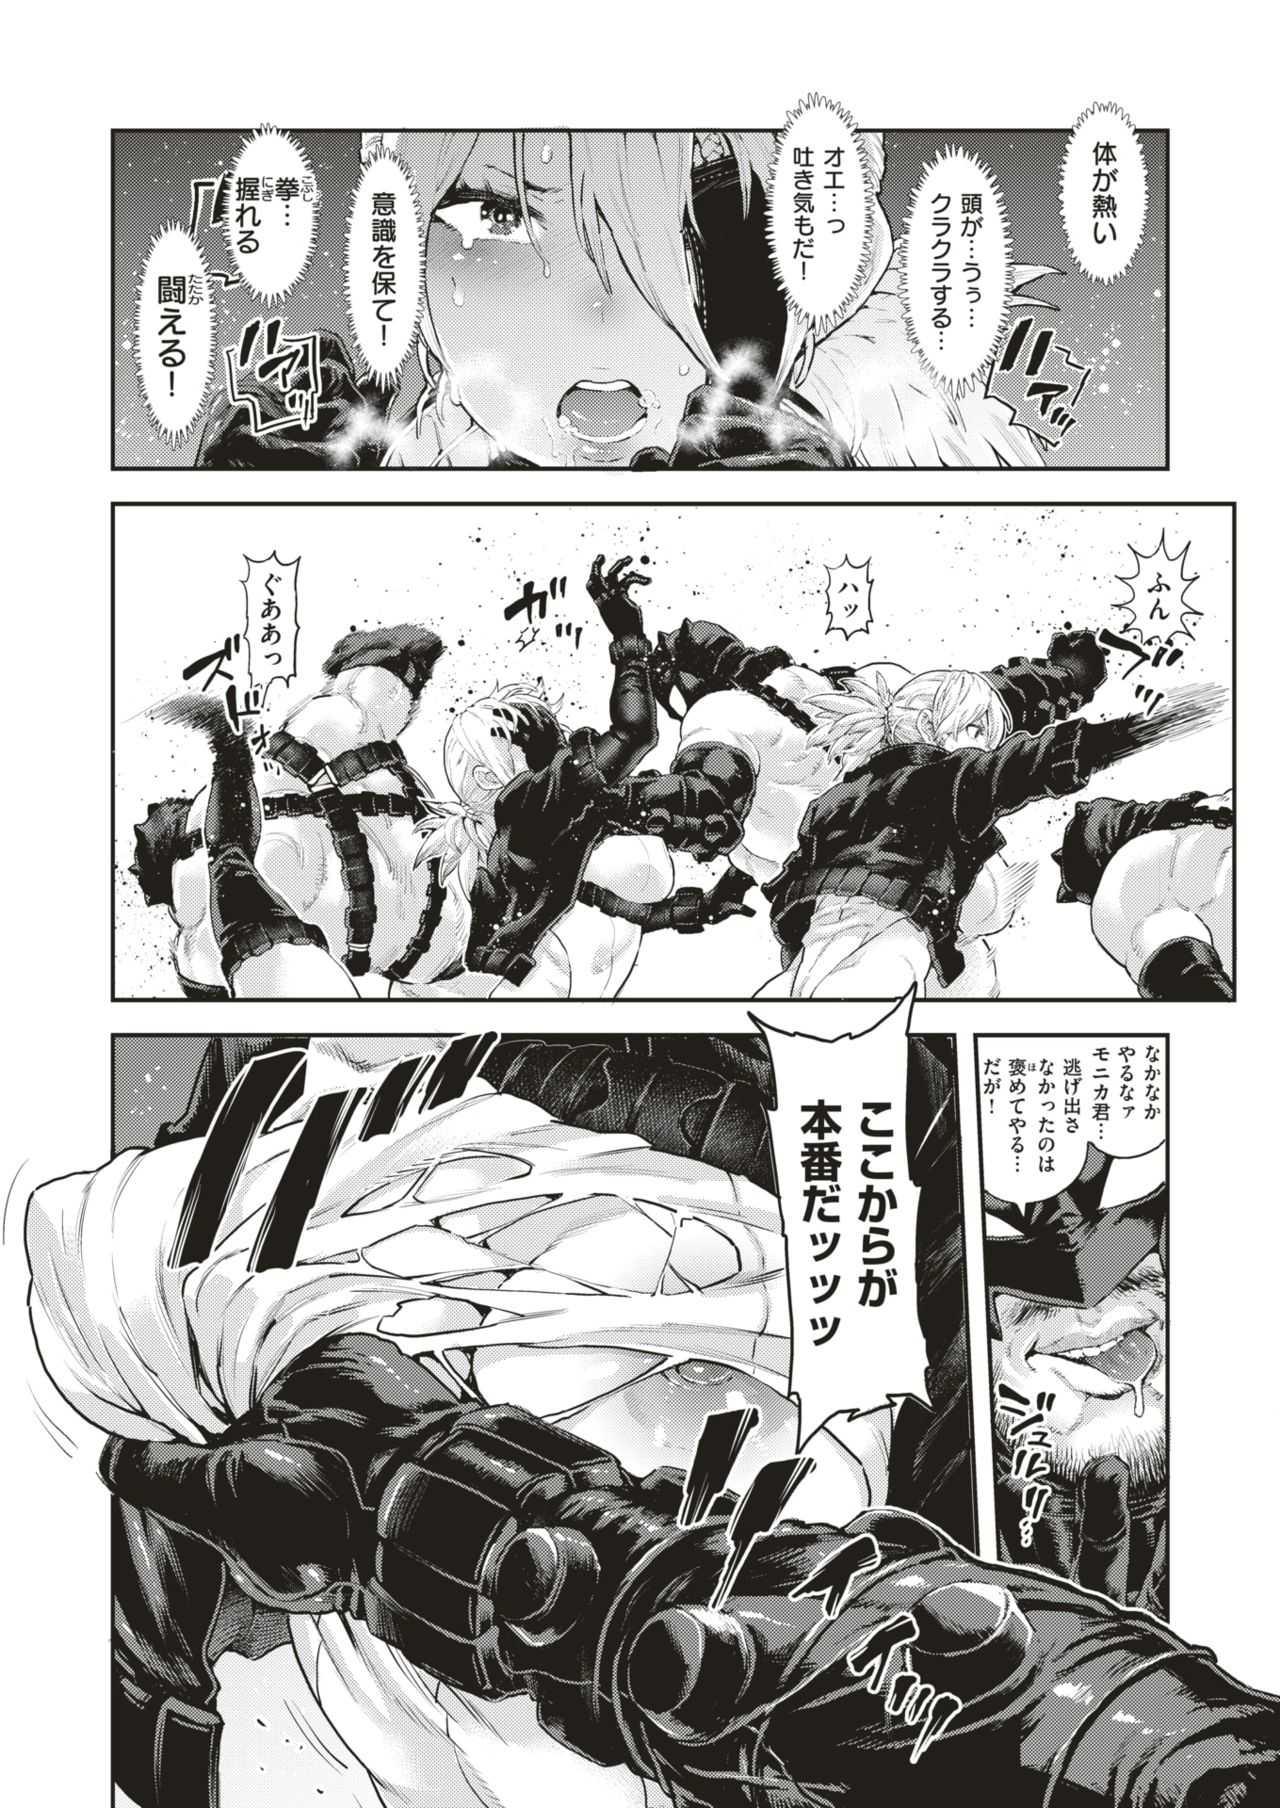 【エロ漫画】地下闘技場で戦う元奴隷の巨乳美女…金とチンポに屈し公開凌辱レイプで自我崩壊www【サバイバル刃:マネーの兎】